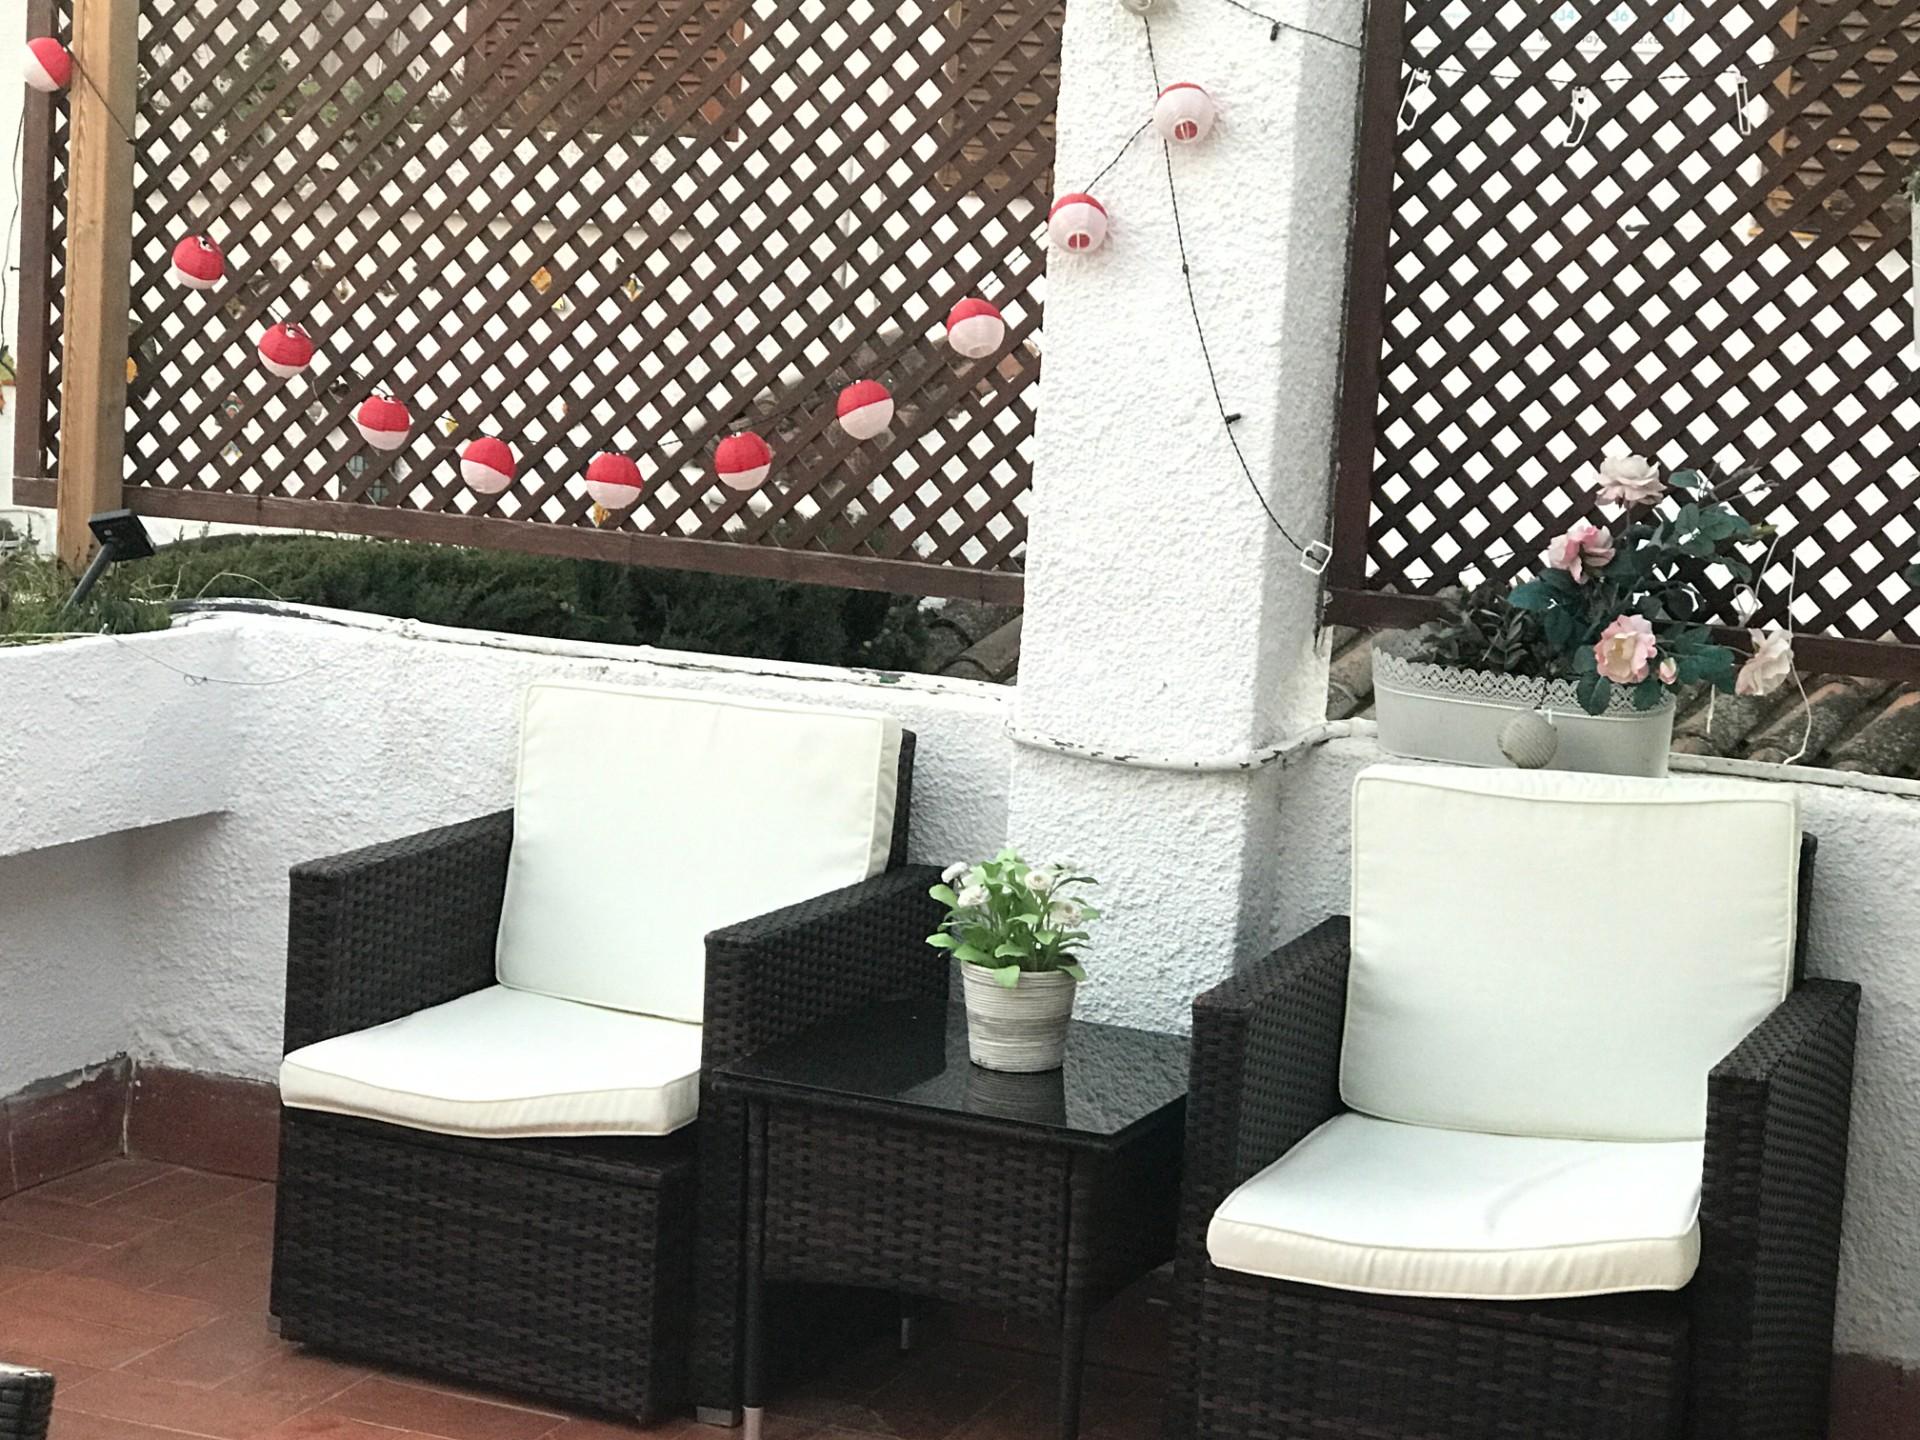 sillones en la terraza